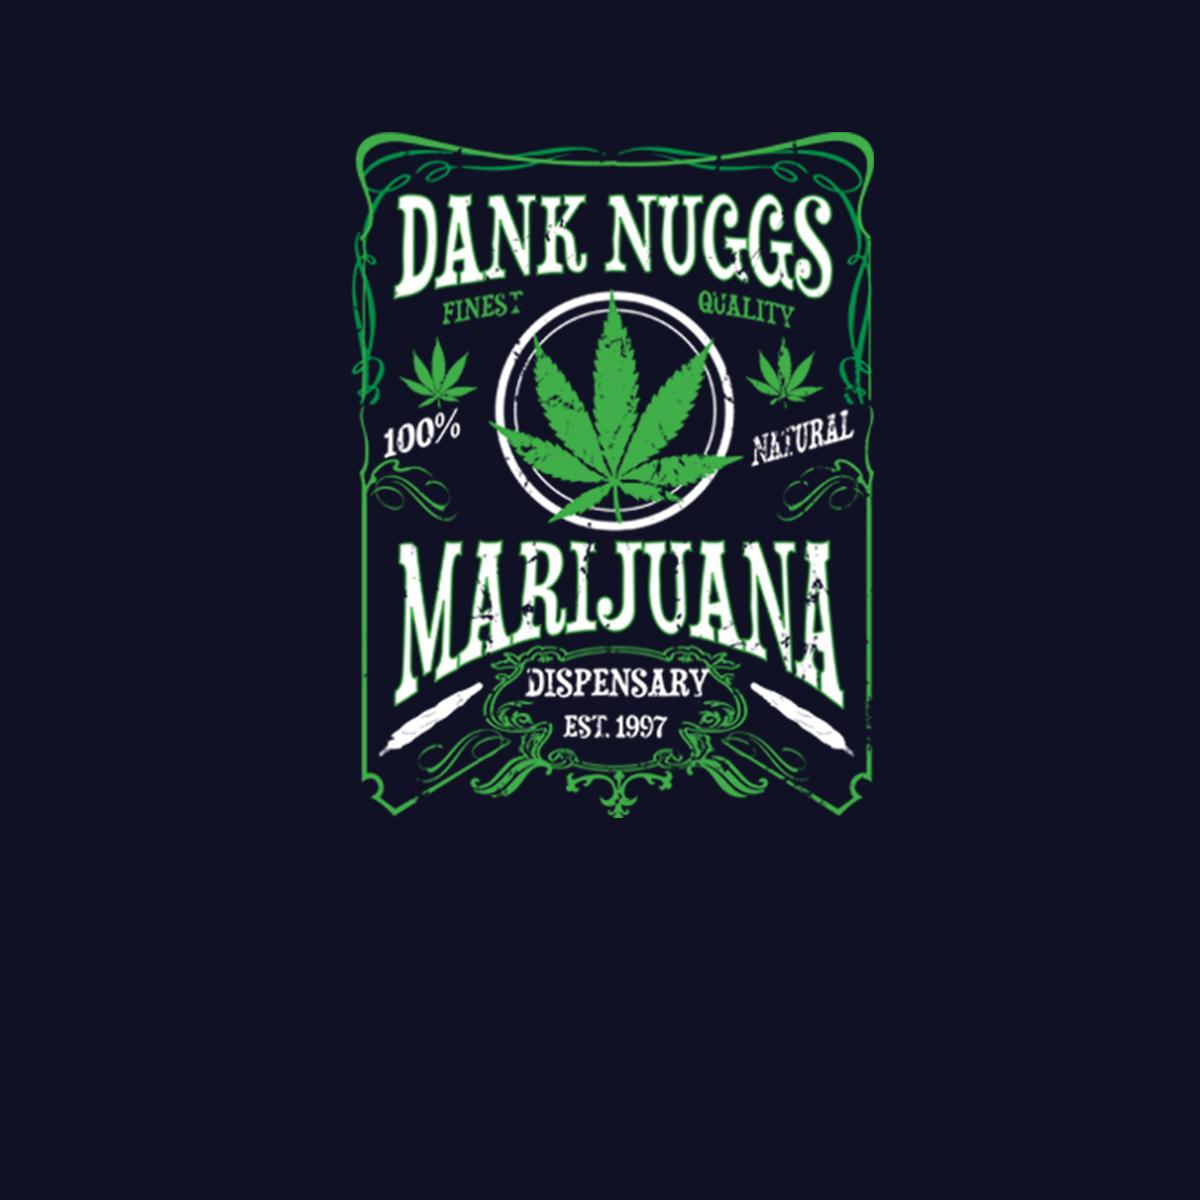 Dank Nugs Marihuana Cannabis Herren T-shirt XS-5XL Neu